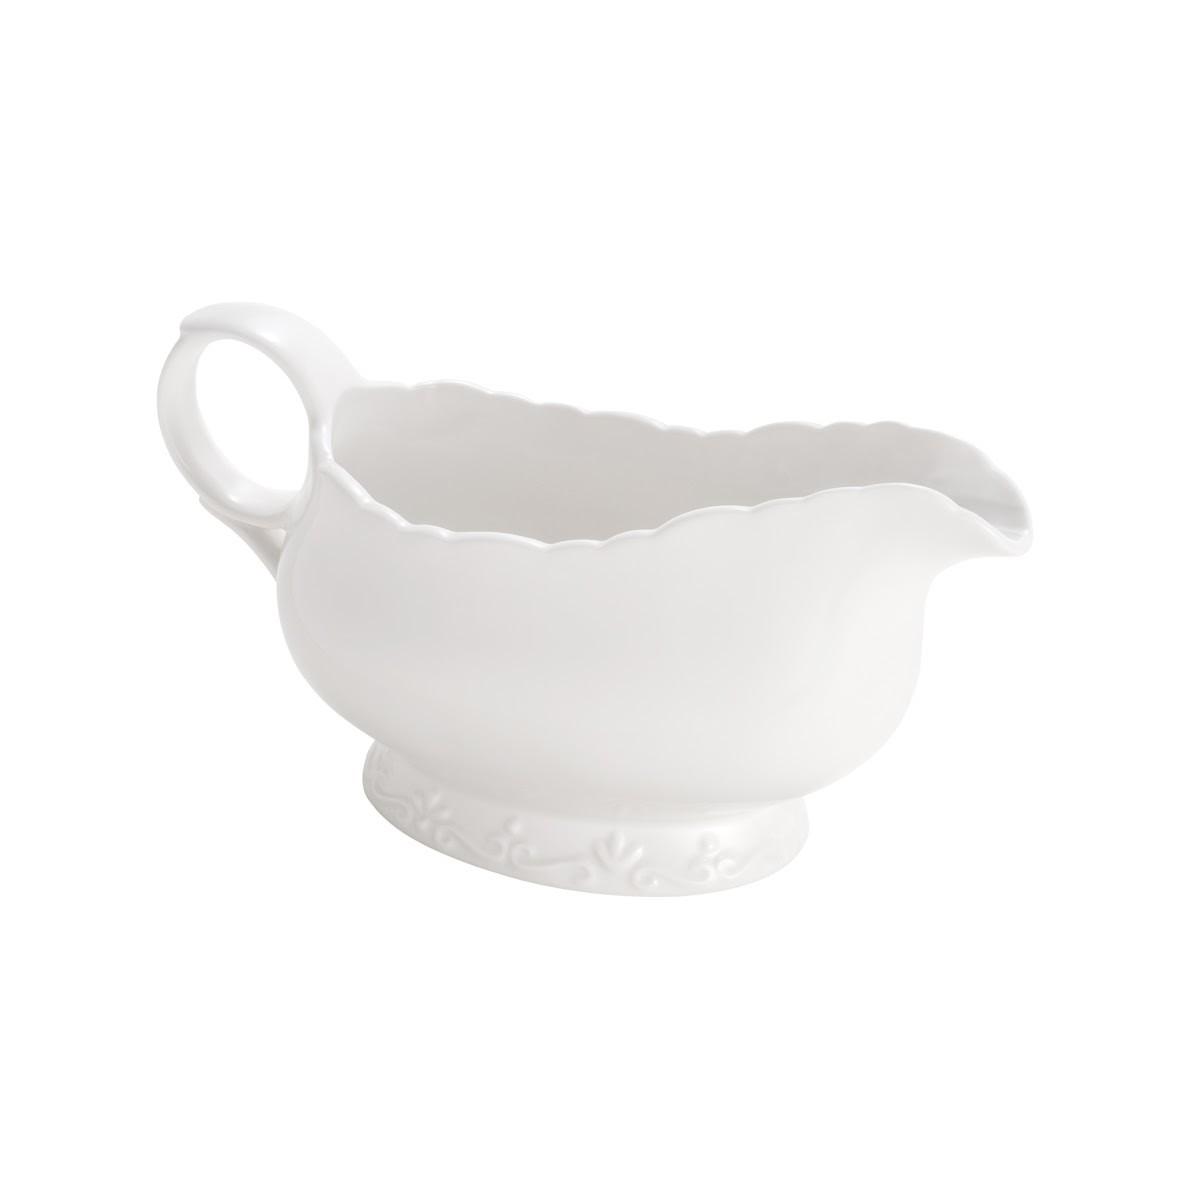 Molheira de Porcelana Alto Relevo